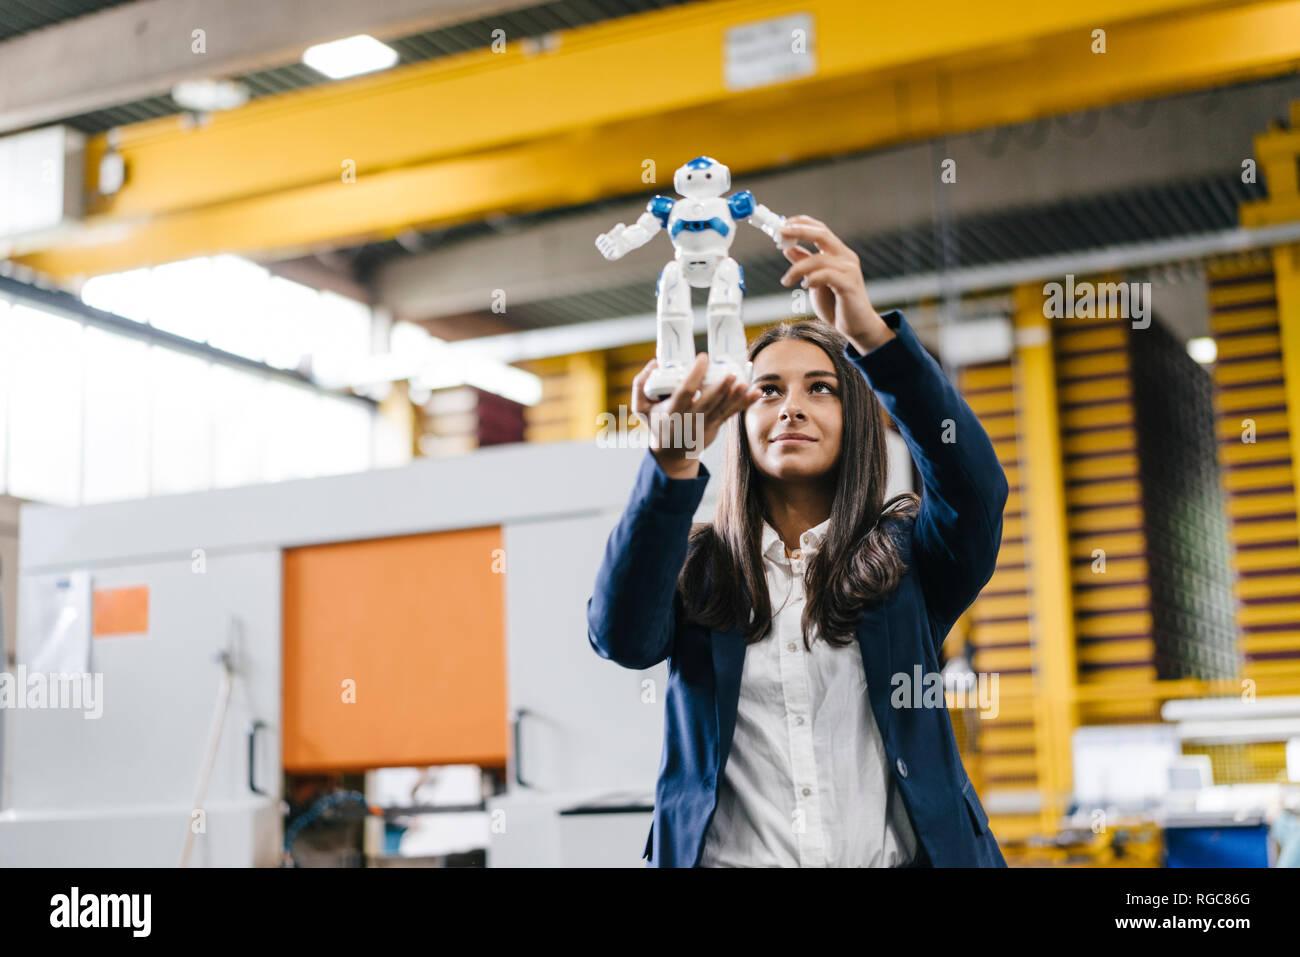 Jeune femme travaillant dans l'entrepôt de distribution, en regardant toy robot Photo Stock